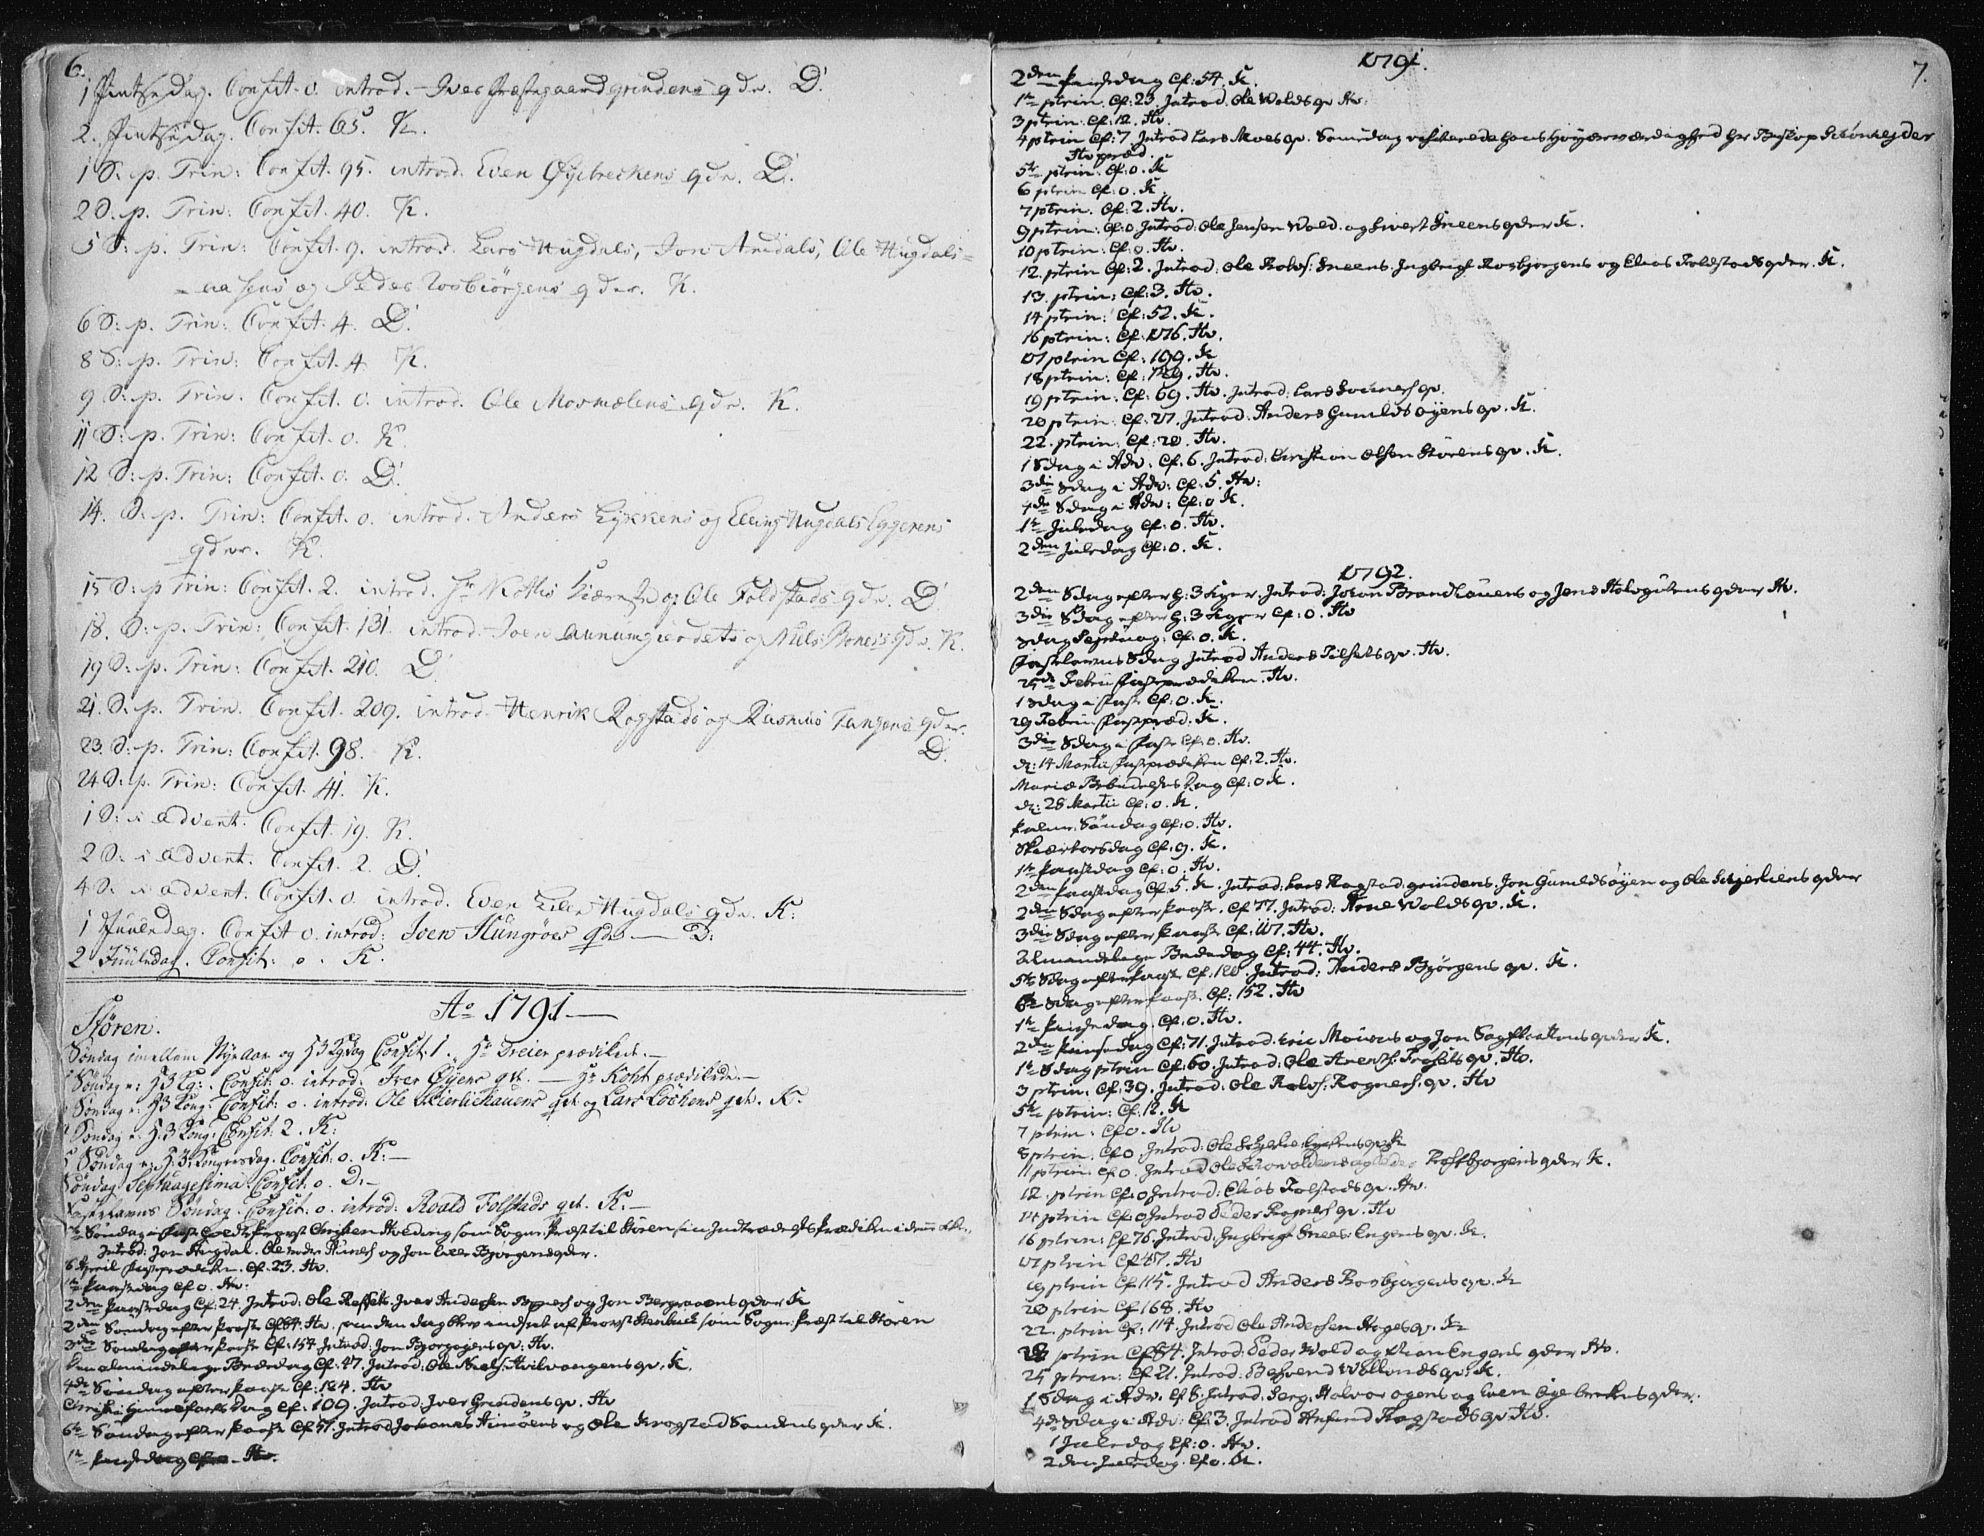 SAT, Ministerialprotokoller, klokkerbøker og fødselsregistre - Sør-Trøndelag, 687/L0992: Ministerialbok nr. 687A03 /1, 1788-1815, s. 6-7